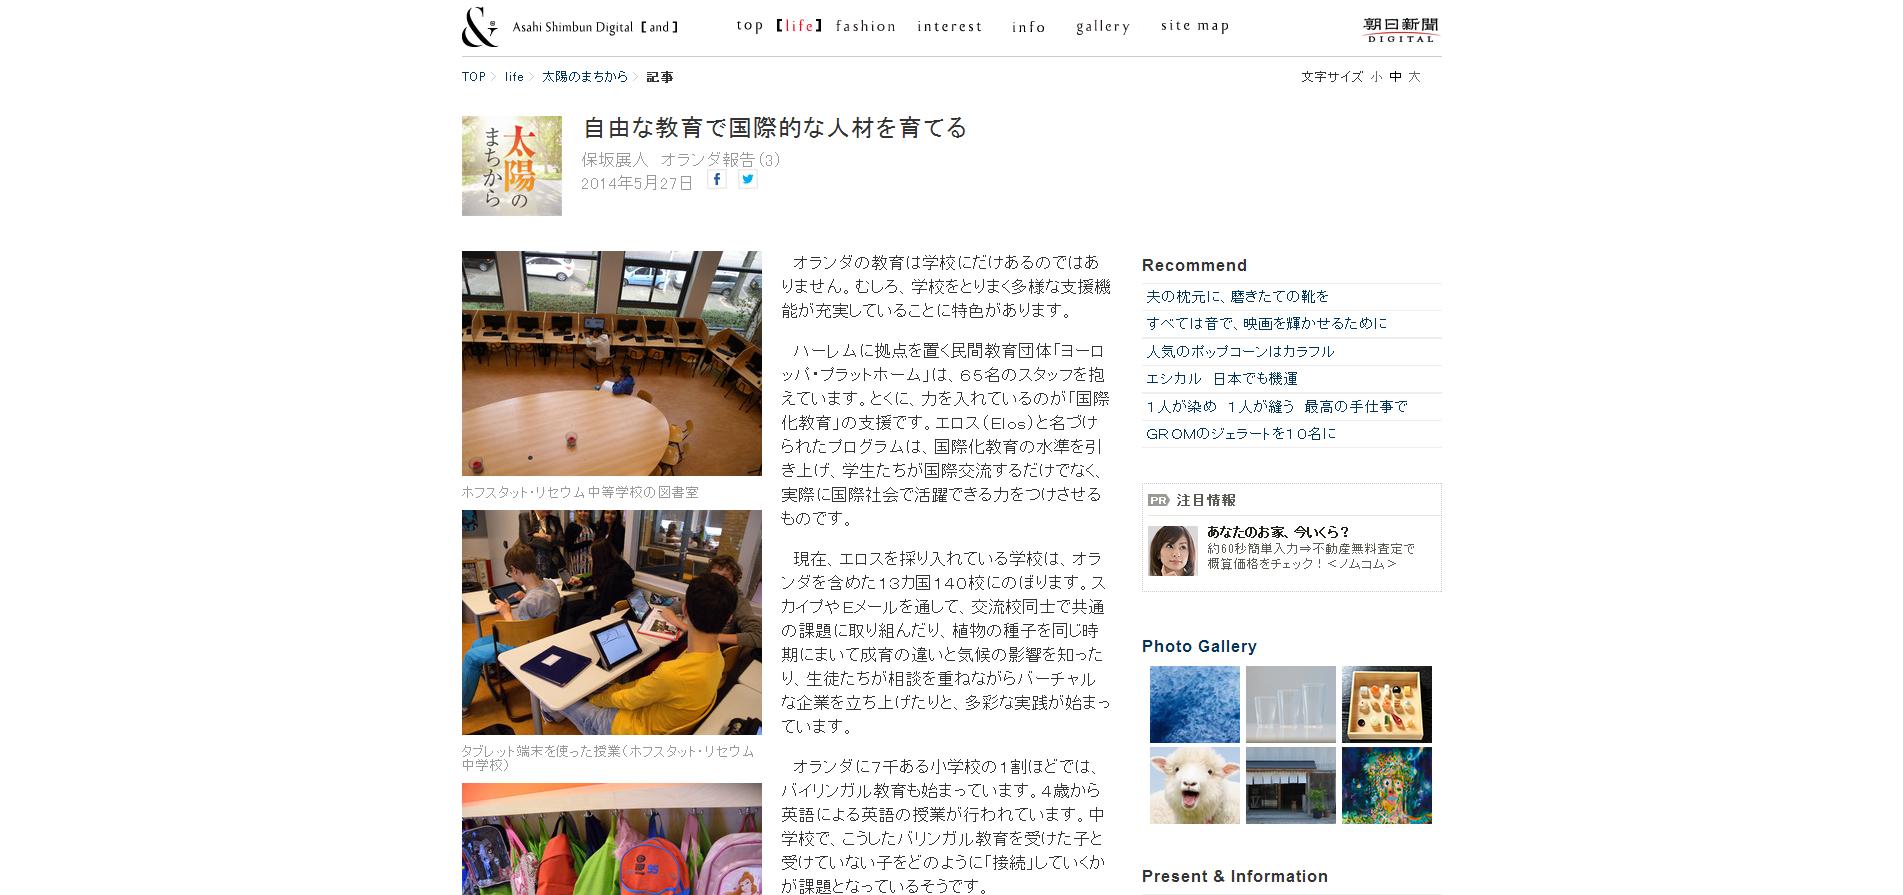 自由な教育で国際的な人材を育てる   太陽のまちから   朝日新聞デジタル&w